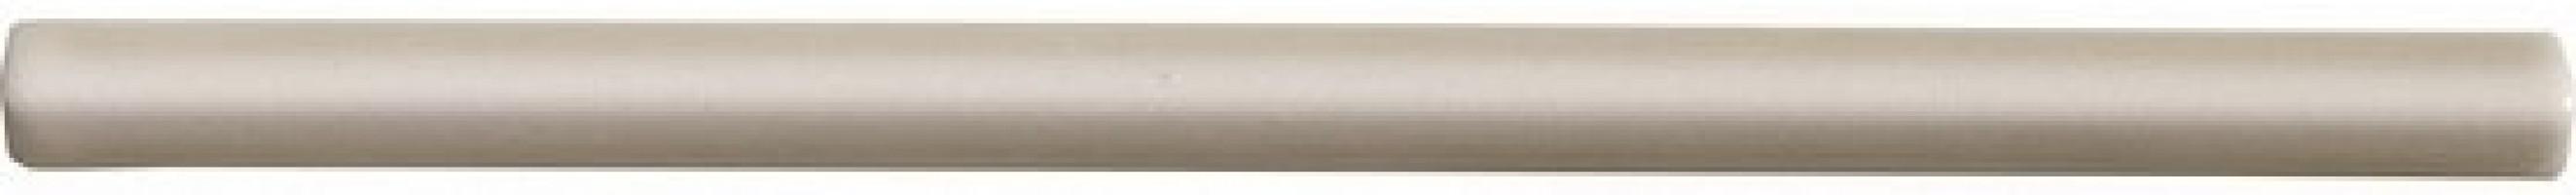 Бордюр Neri ADNE5582 Bullnose Trim Sierra Sand 0.85x15 Adex